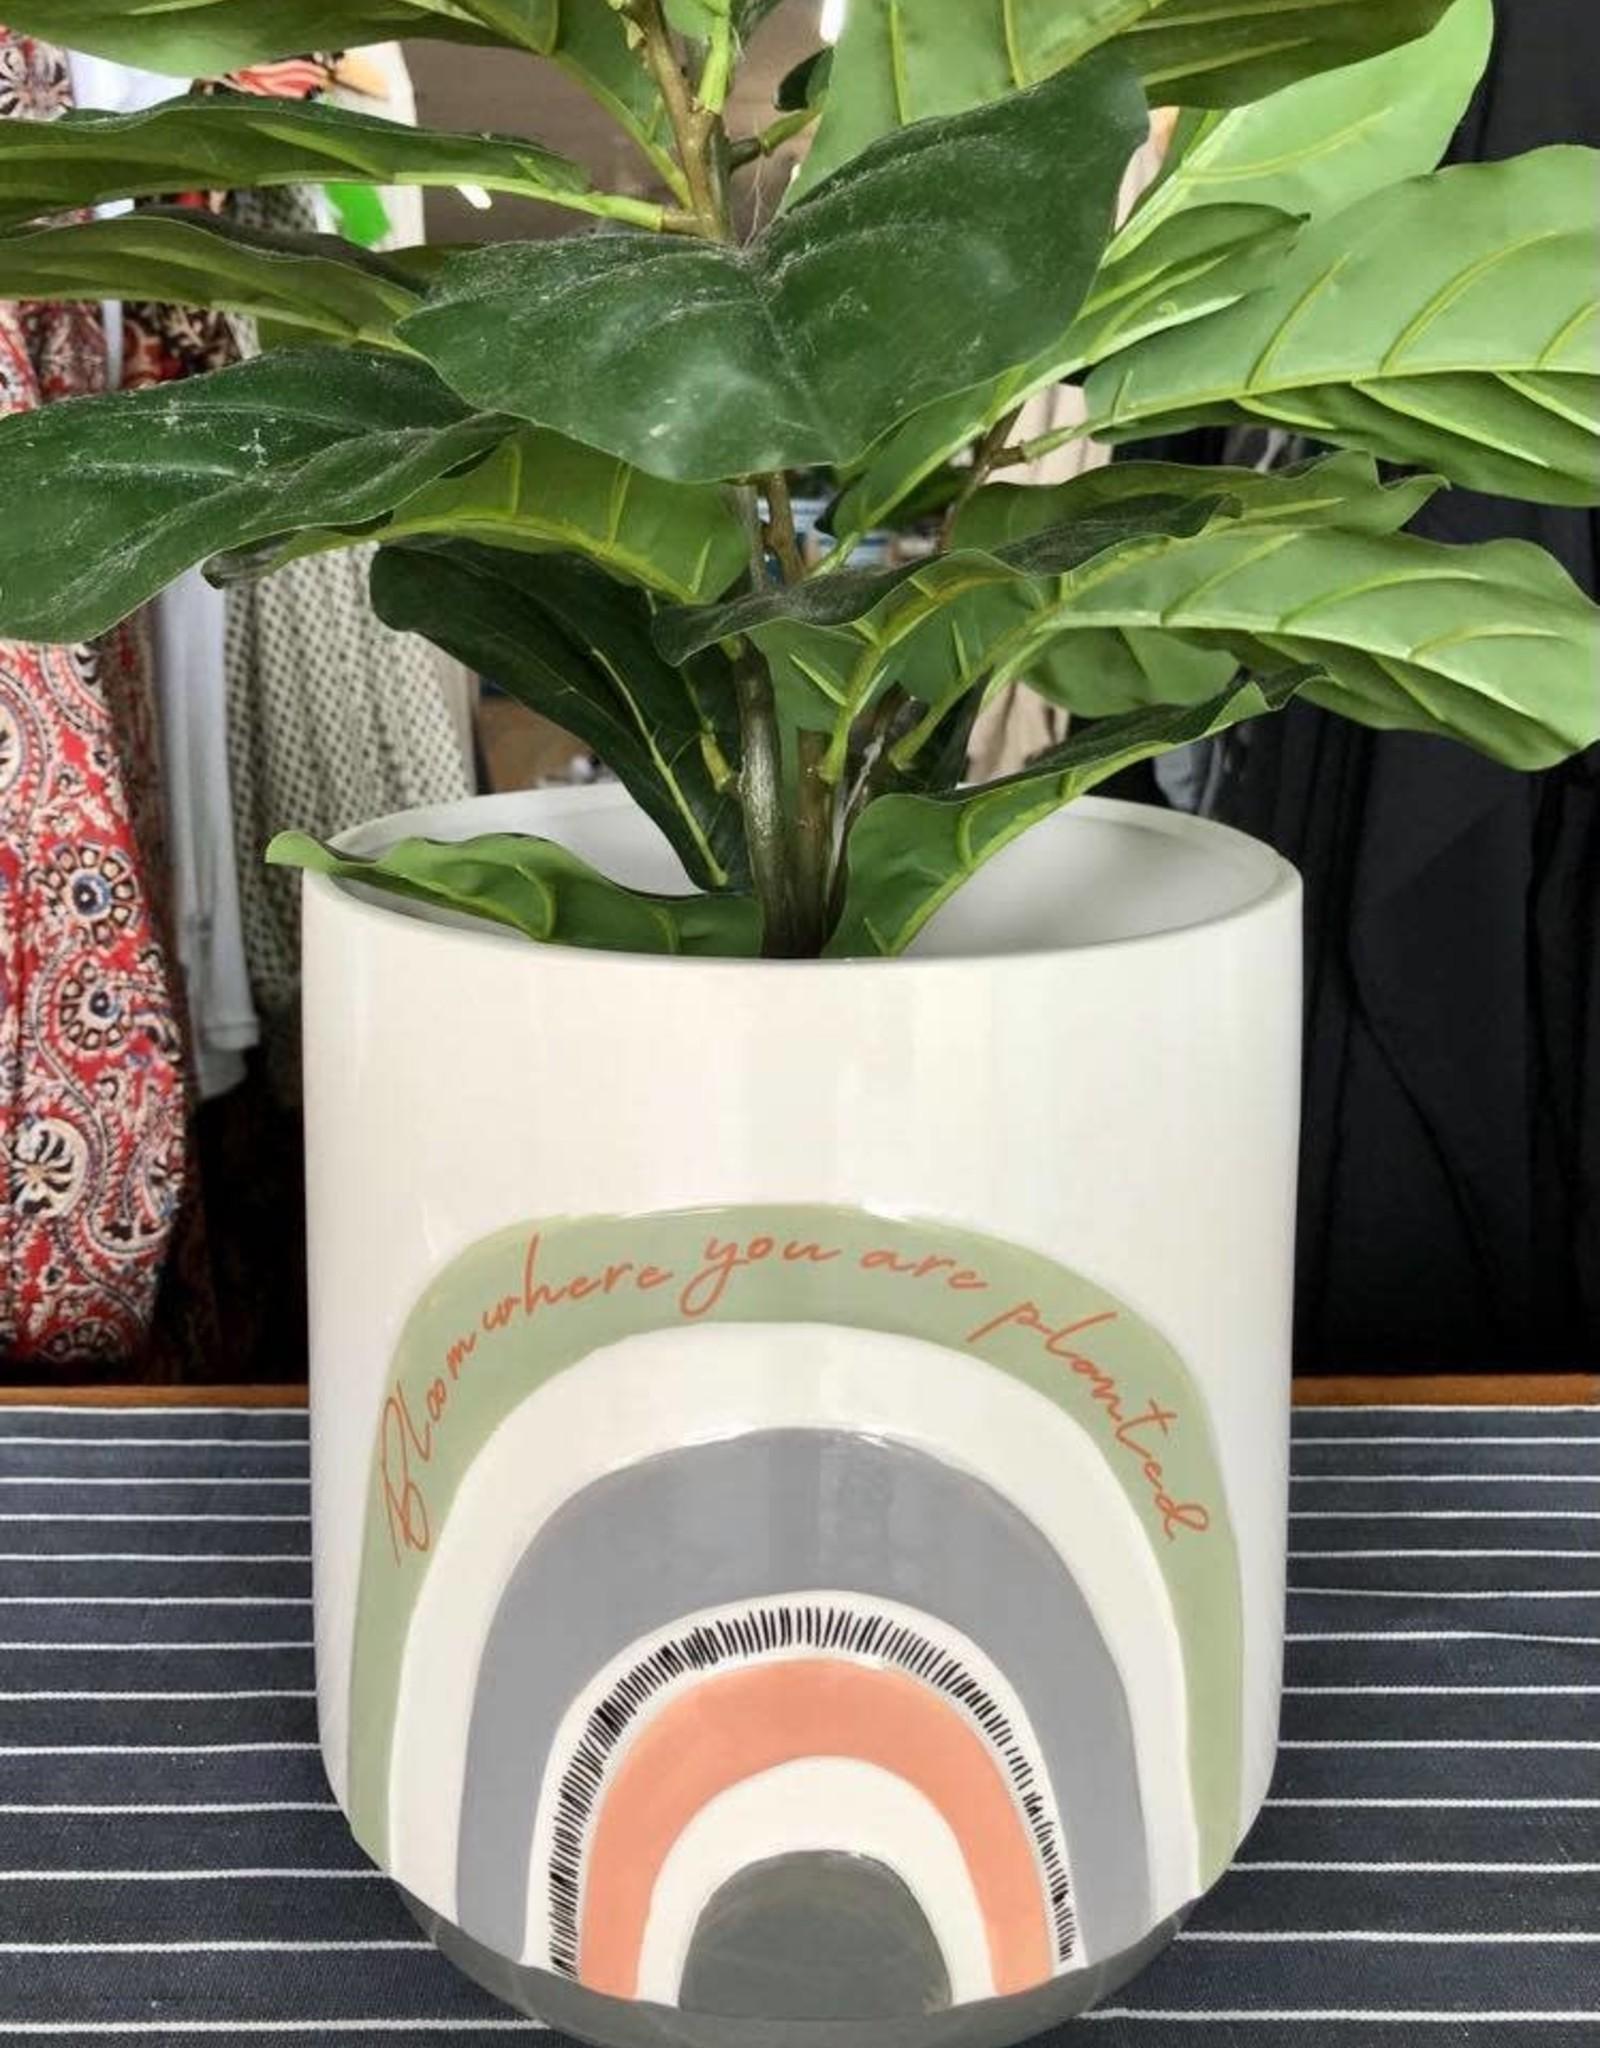 Urban products UG102495 Woodstock White Rainbow Planter - Large